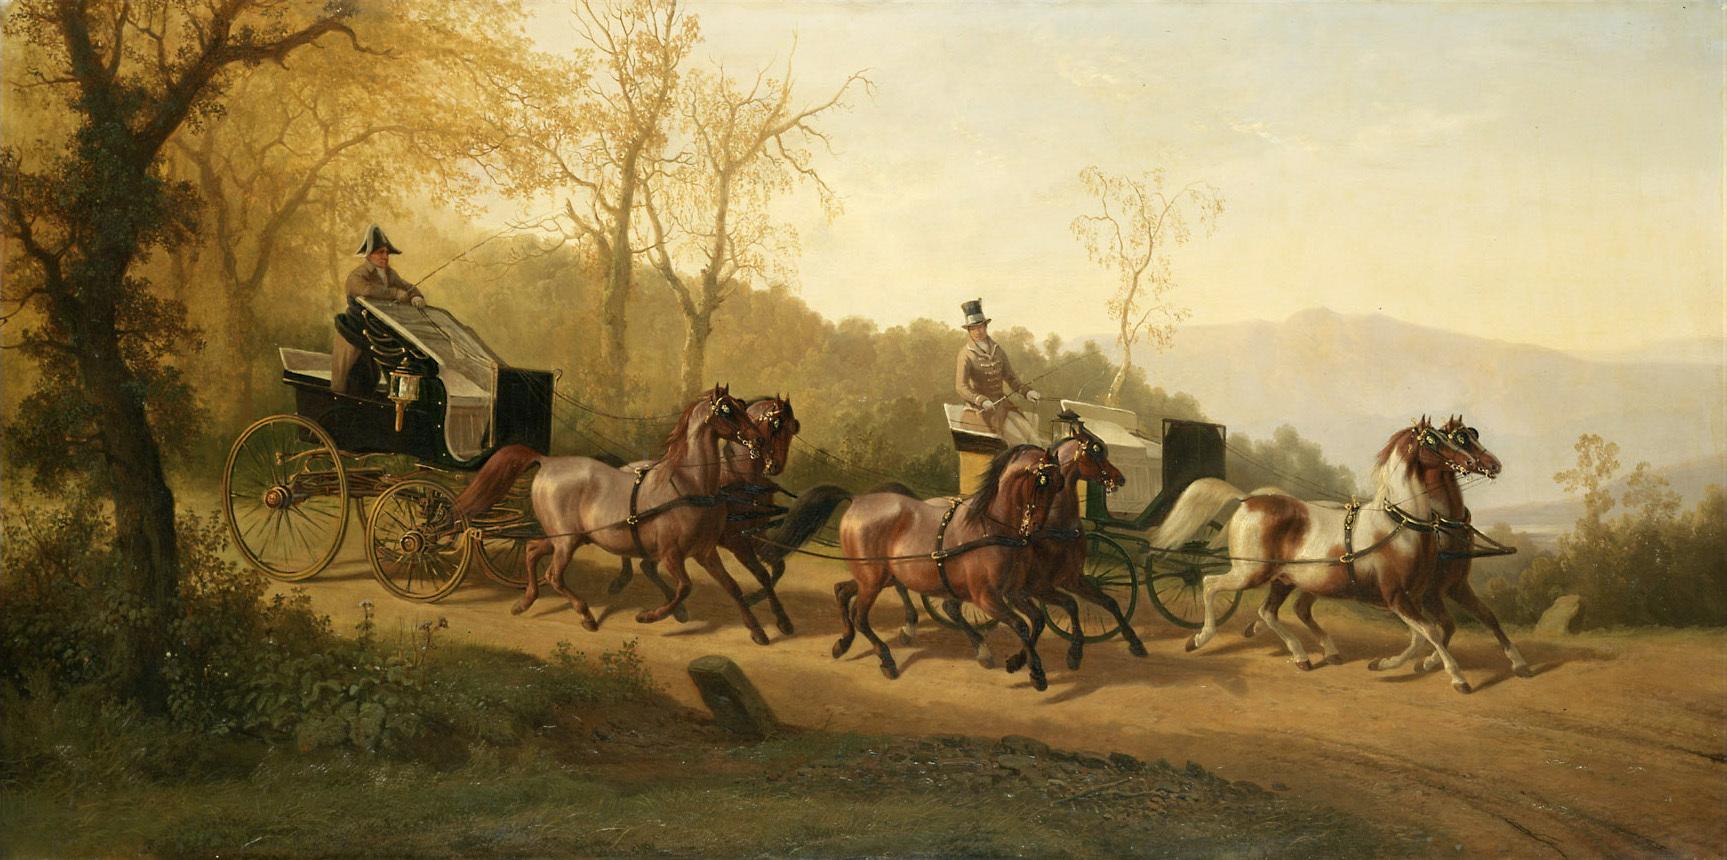 Kutschierwagen (Phaeton) mit Braunen im Viererzug und Kutscher im Caput, dahinter Kutschierwagen mit Schecken im Paarweiszug und Kutscher in englischer Livrée von Johann Erdmann Gottlieb Prestel